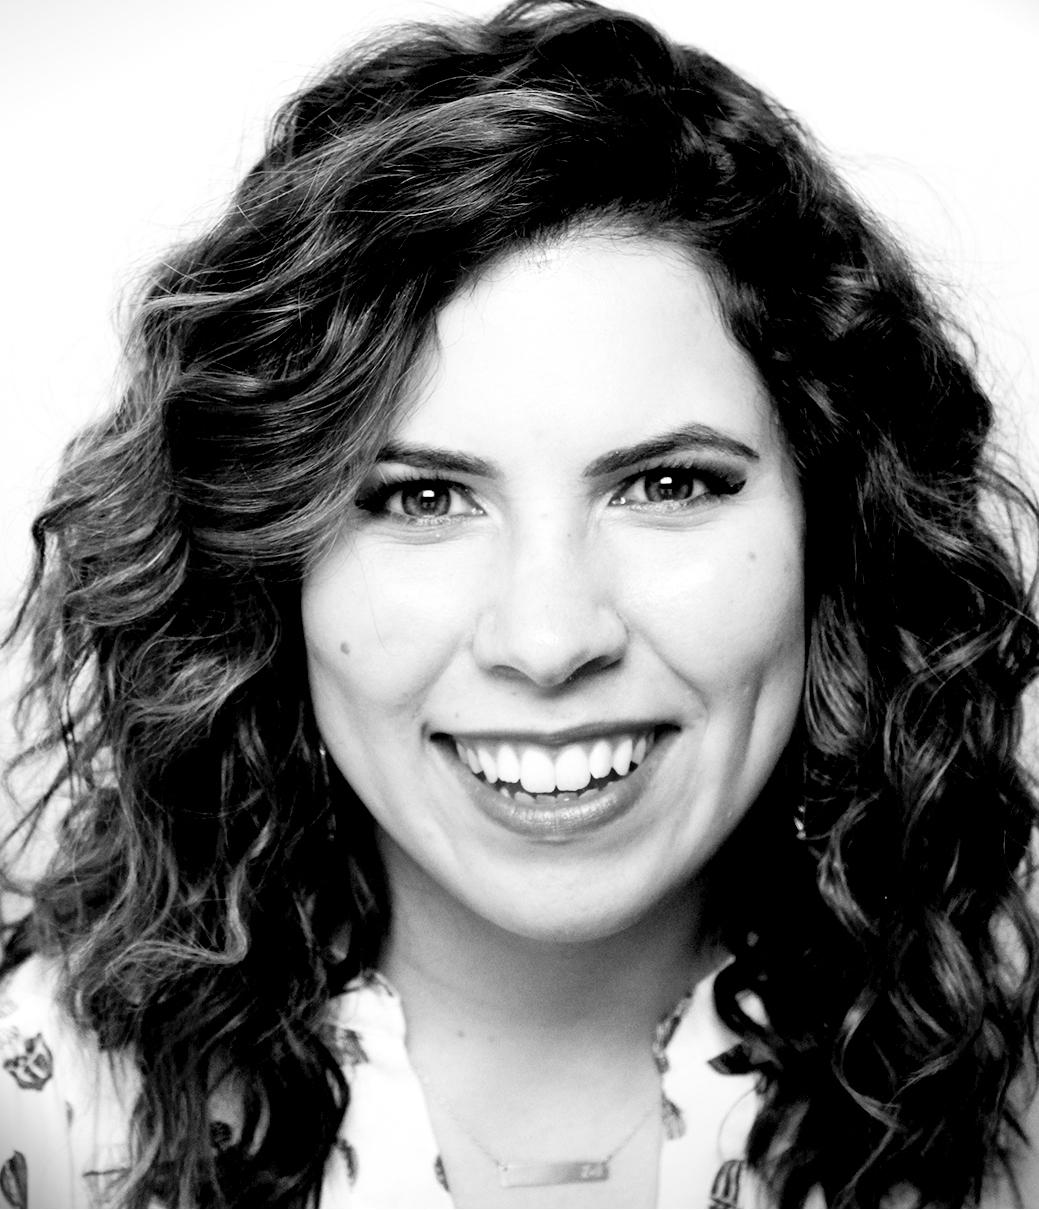 Zoe Roth